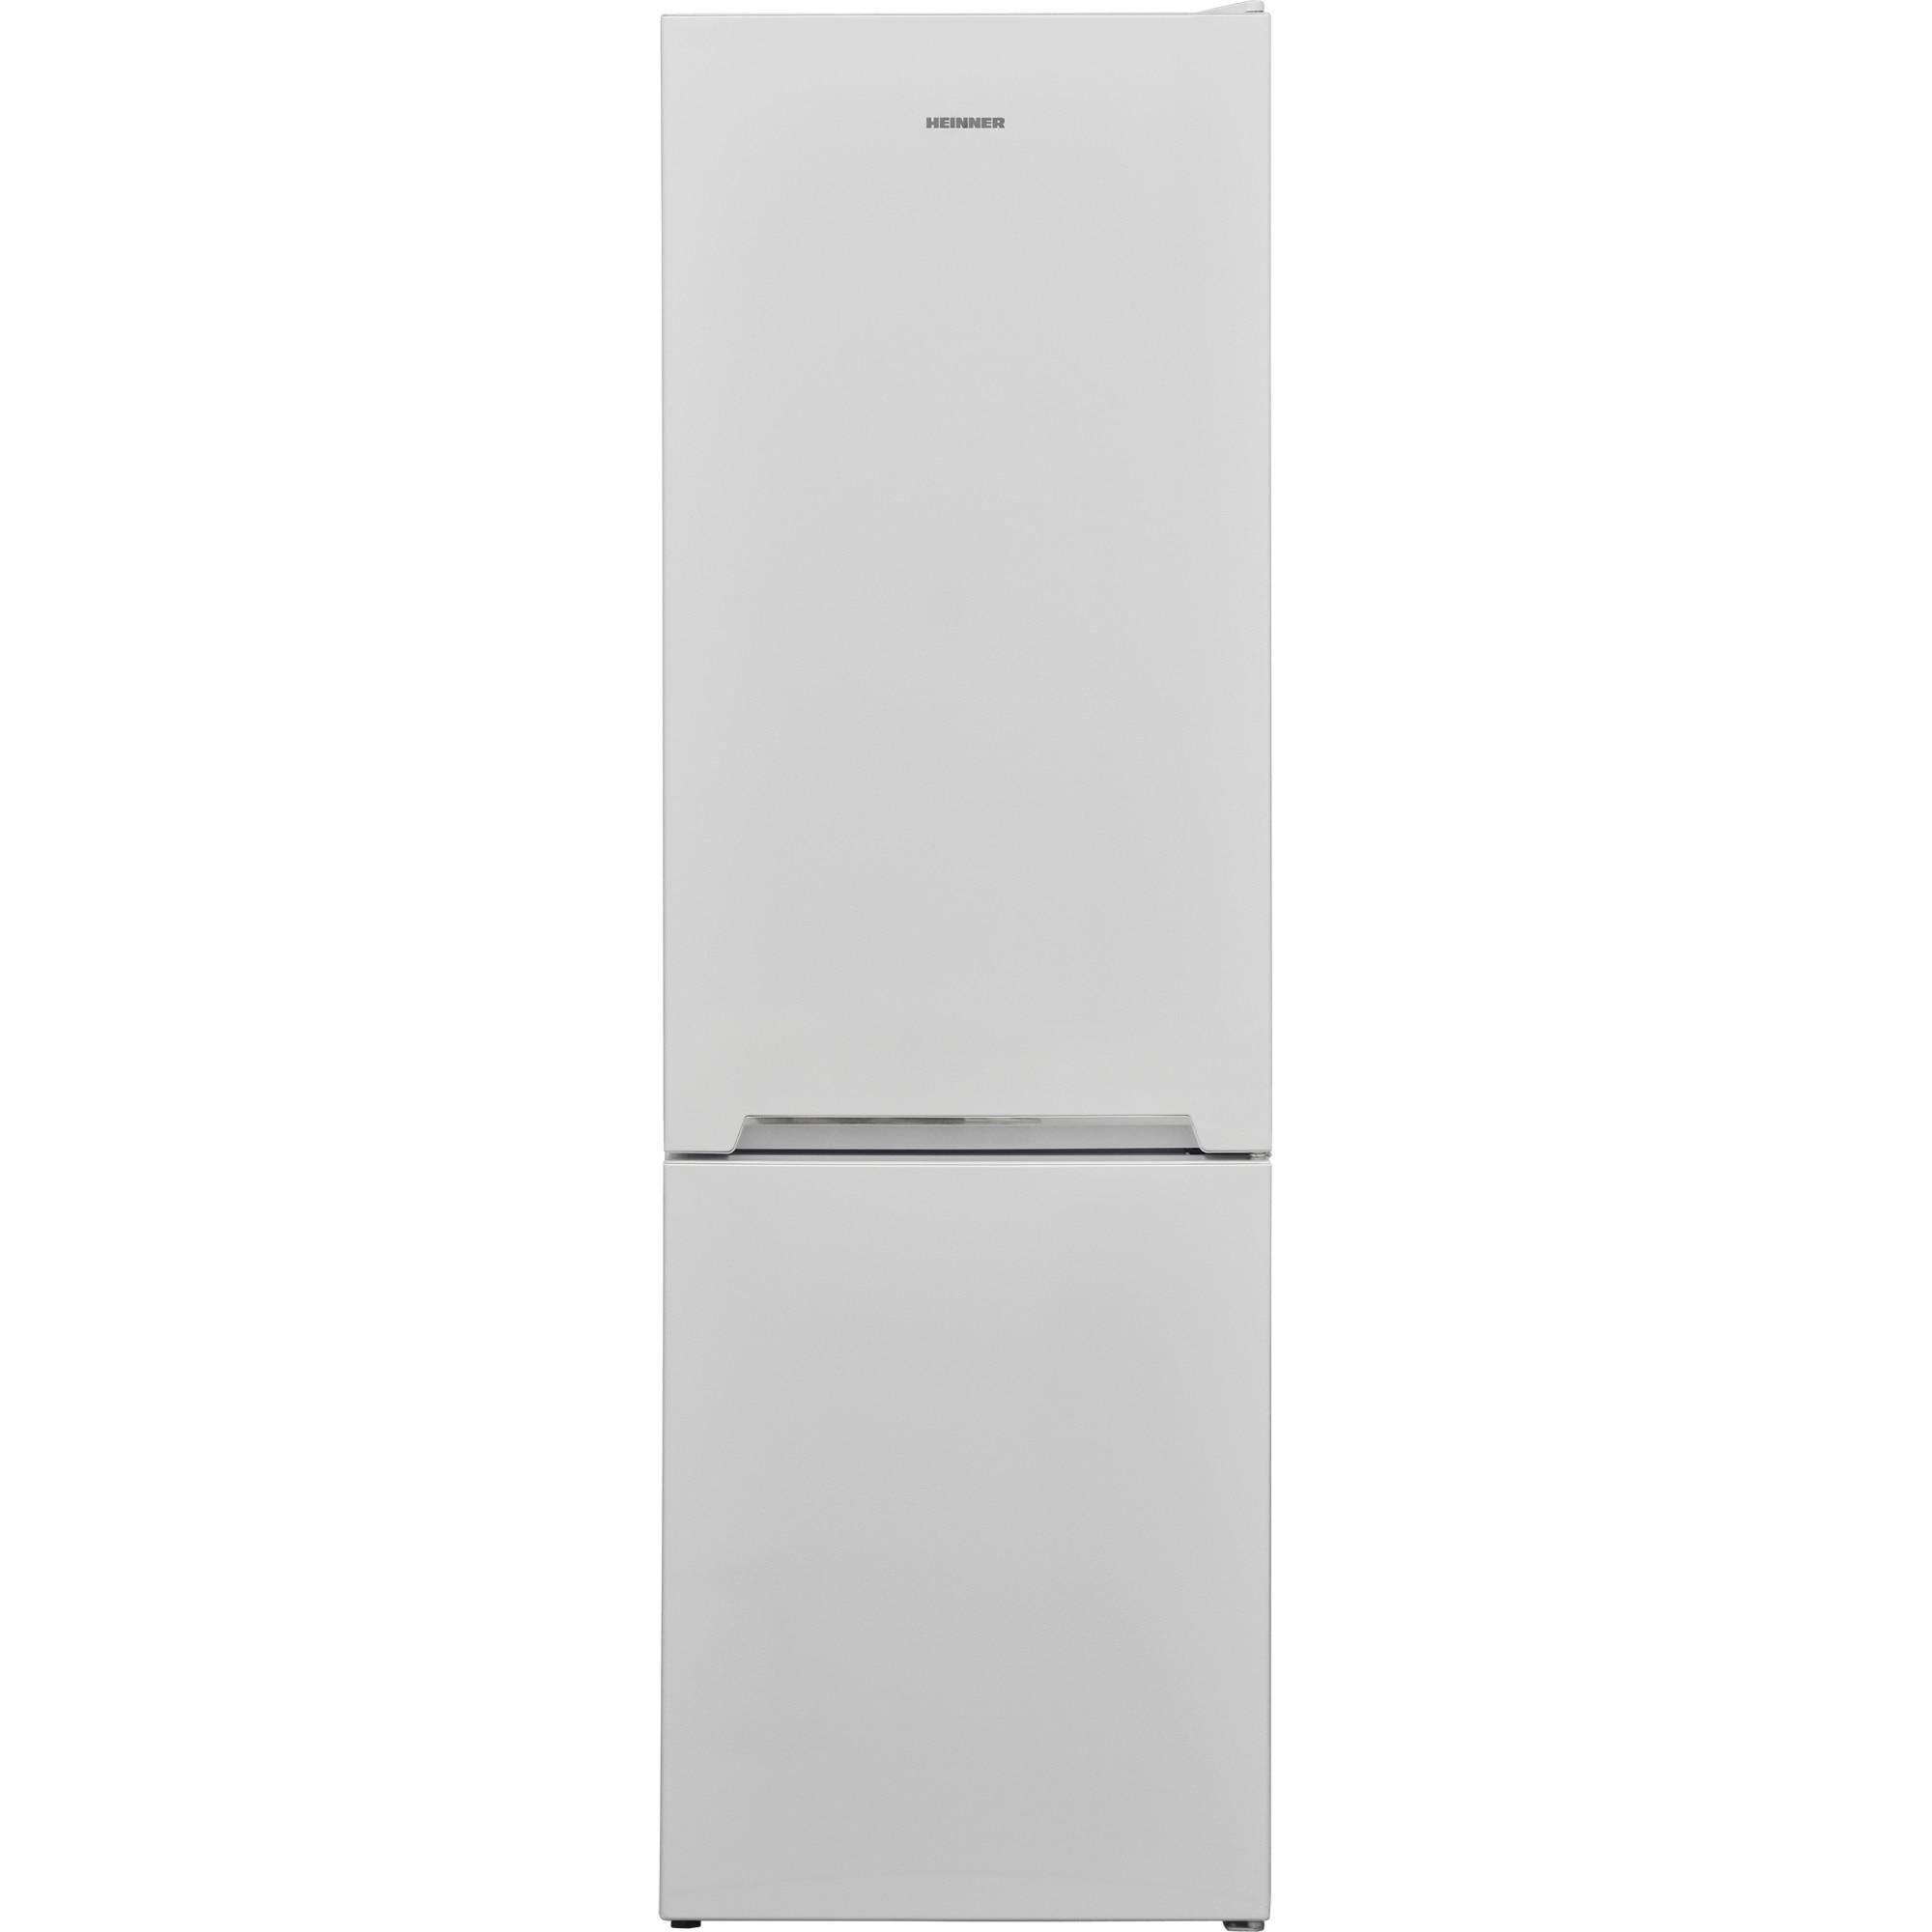 Fotografie Combina frigorifica Heinner HC-V268E++, 268 l, Clasa E, Iluminare LED, Control mecanic, Termostat ajustabil, H 170 cm, Alb